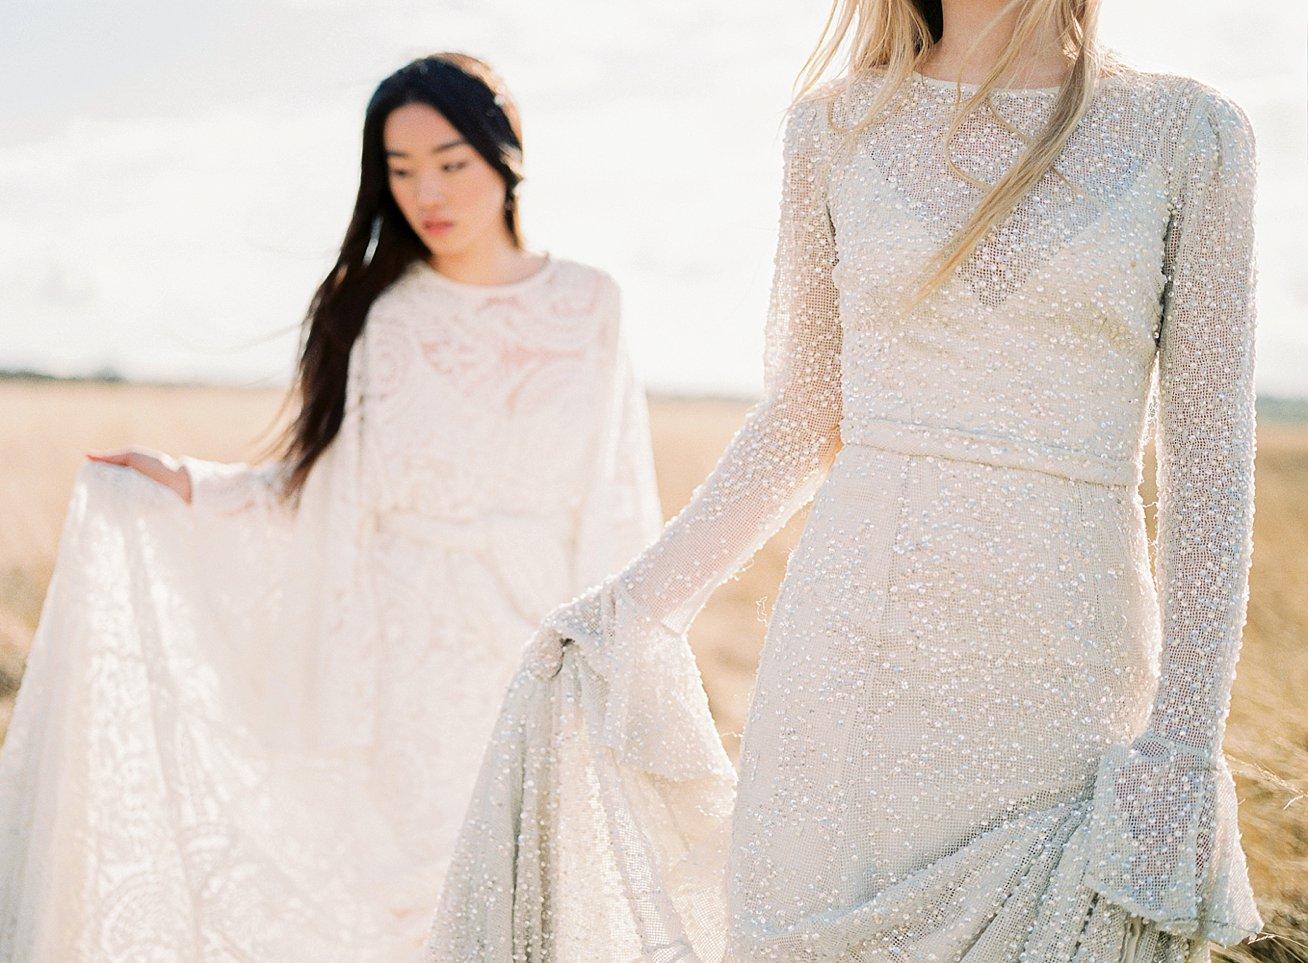 Amanda-Drost-modefotograaf-fashion-photography-editorial-odylyne-weddingdress_0003.jpg